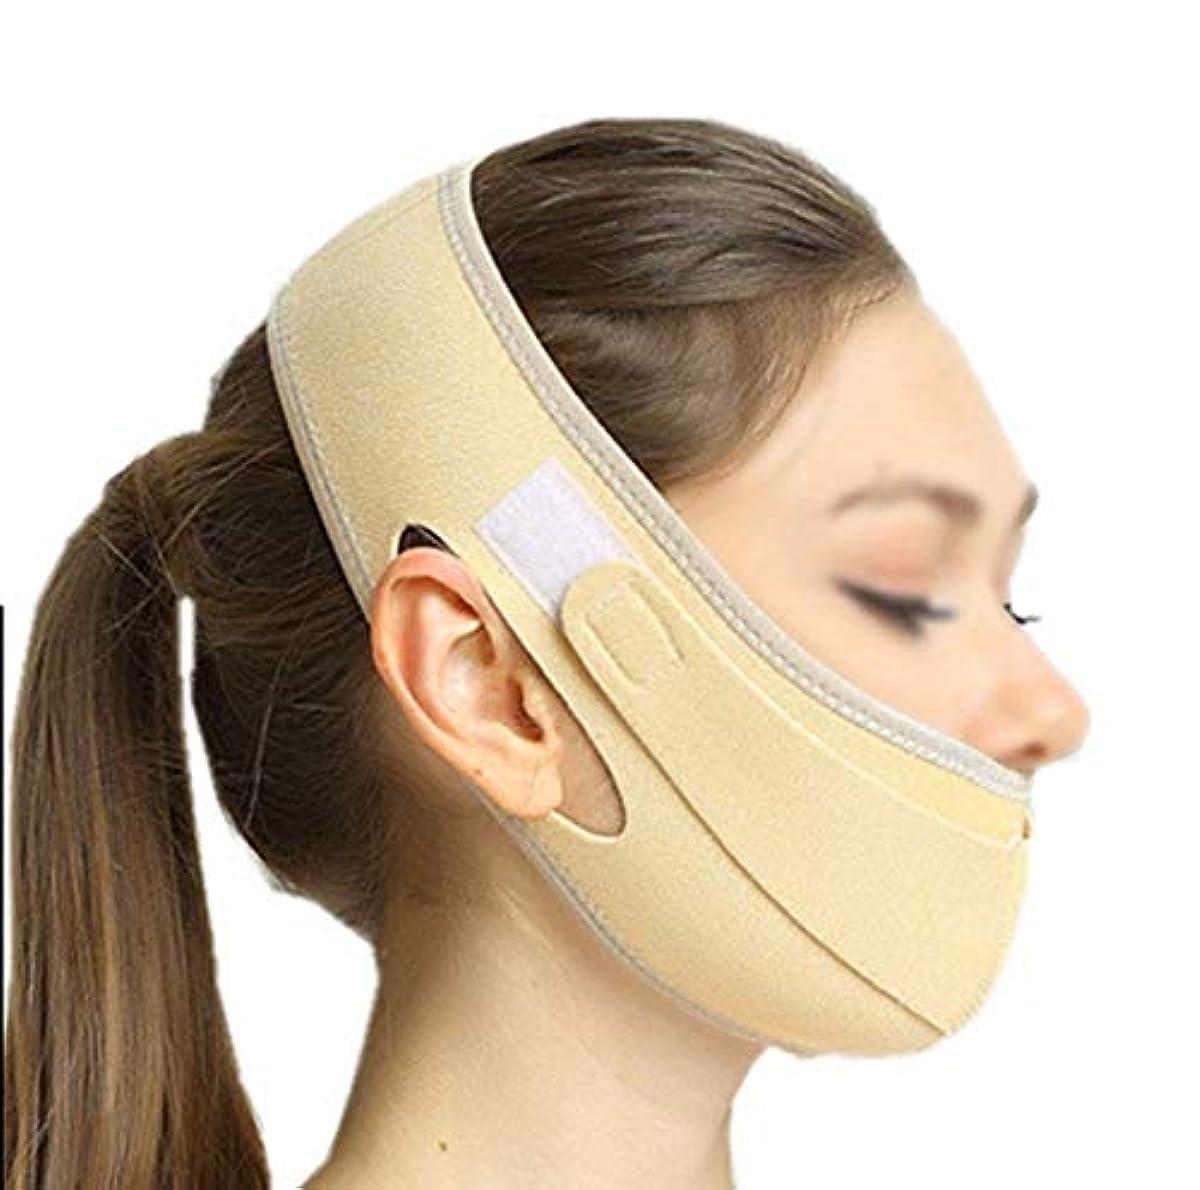 不正確異常吐き出すフェイスリフトマスク、コスメティックリカバリーマスク、薄いダブルチンリフティングスキンで小さなVフェイスバンデージを作成